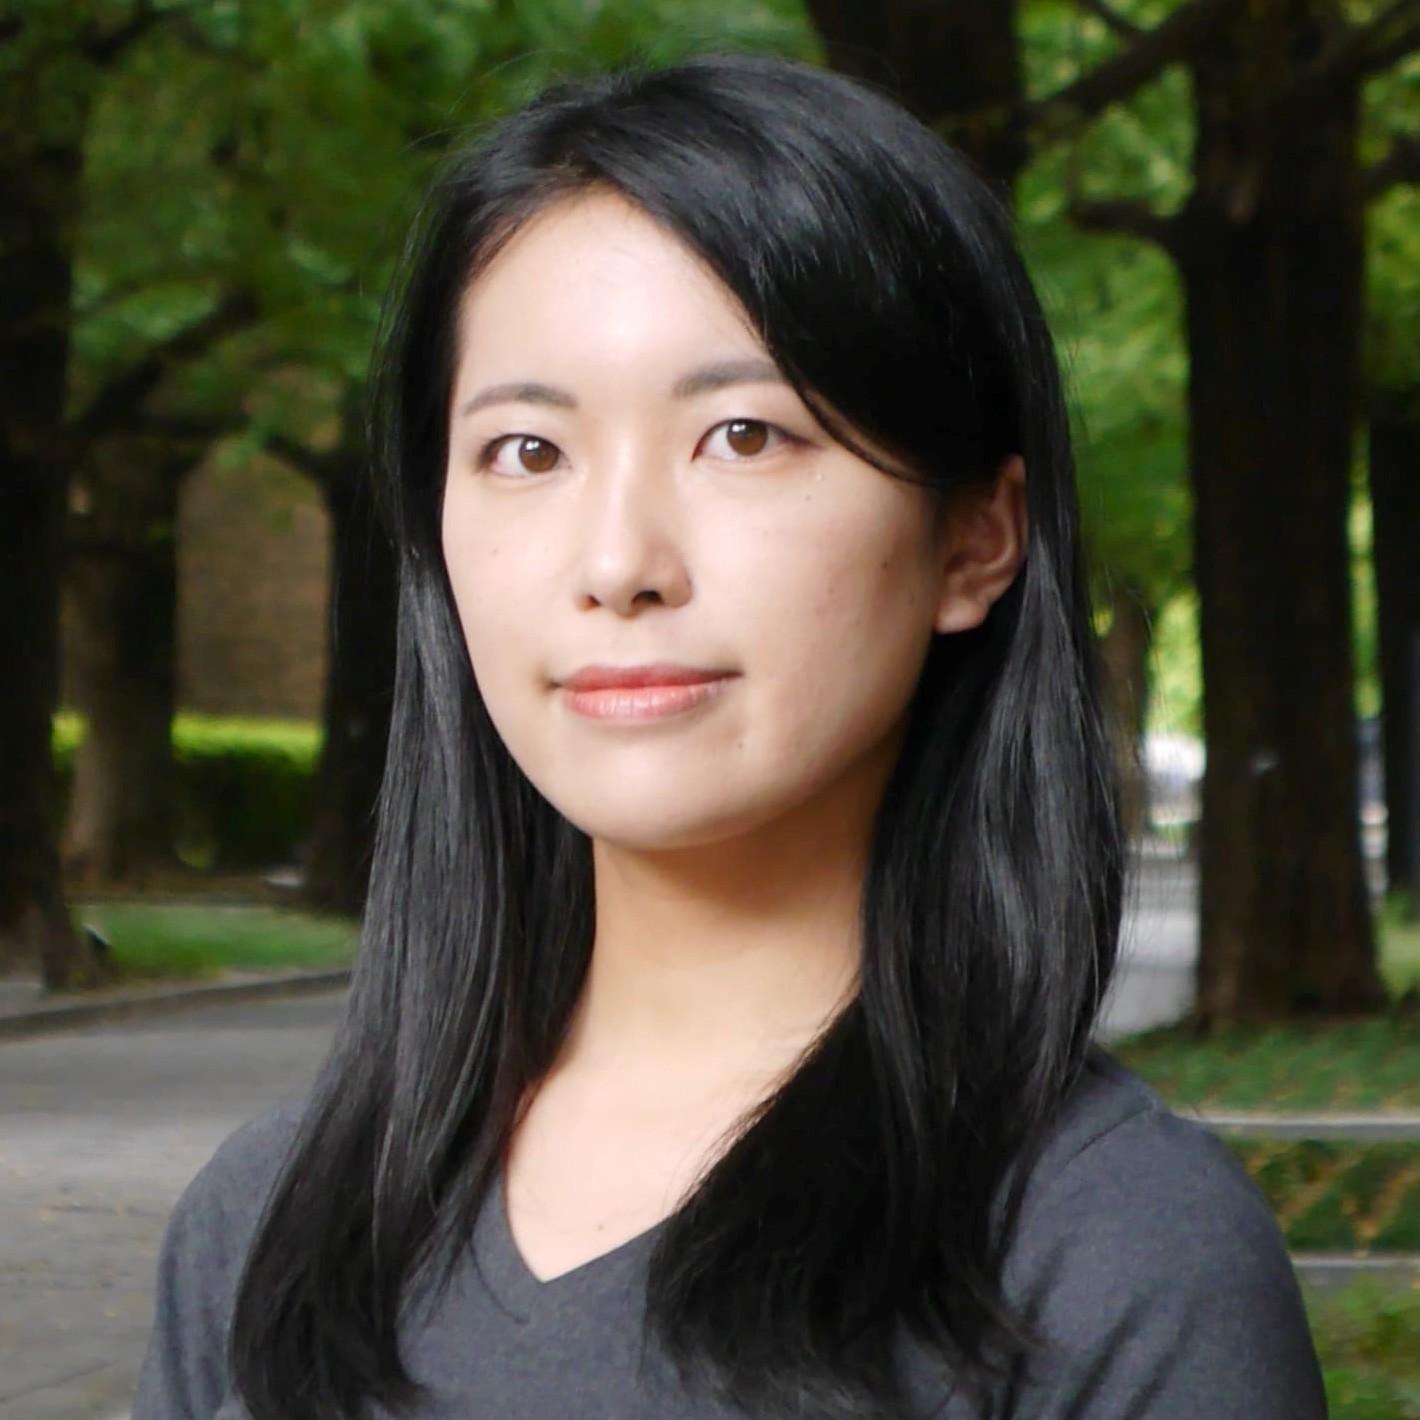 Sayo Morimoto